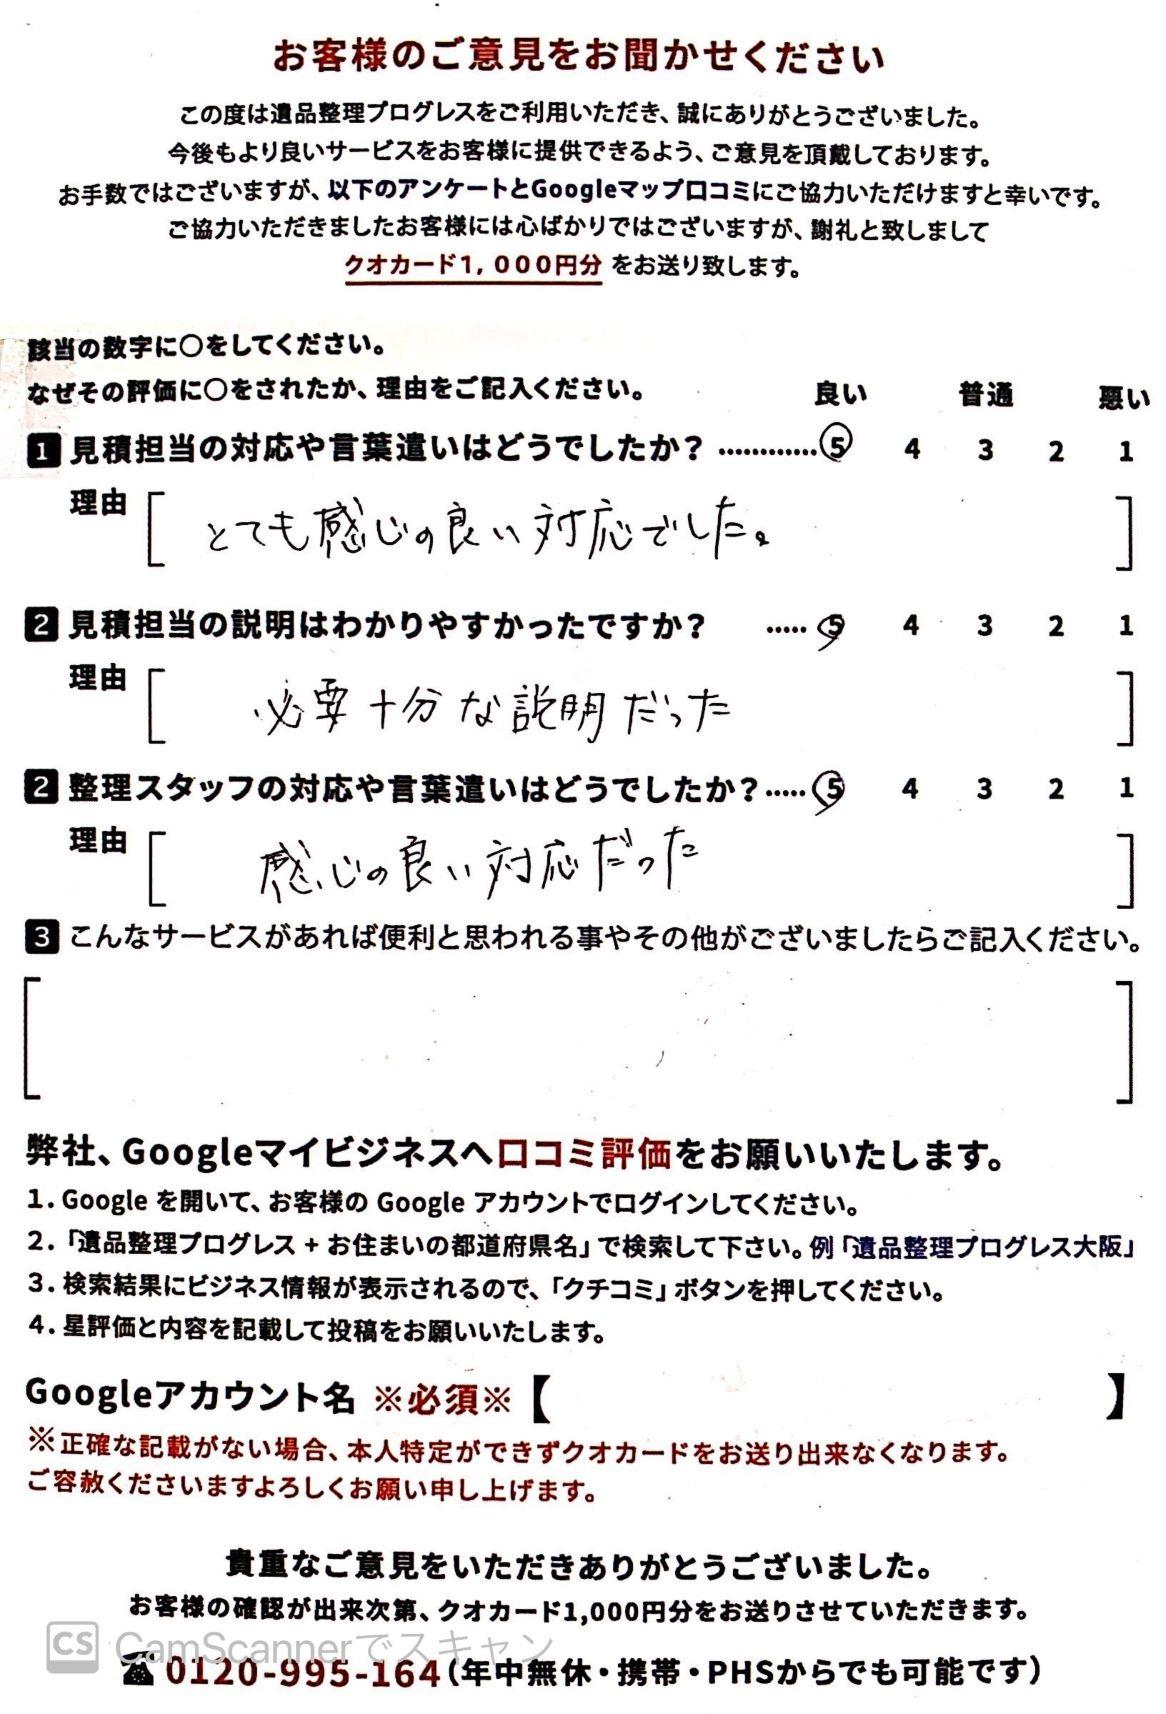 熊本県熊本市中央区 S・R様 のアンケート用紙